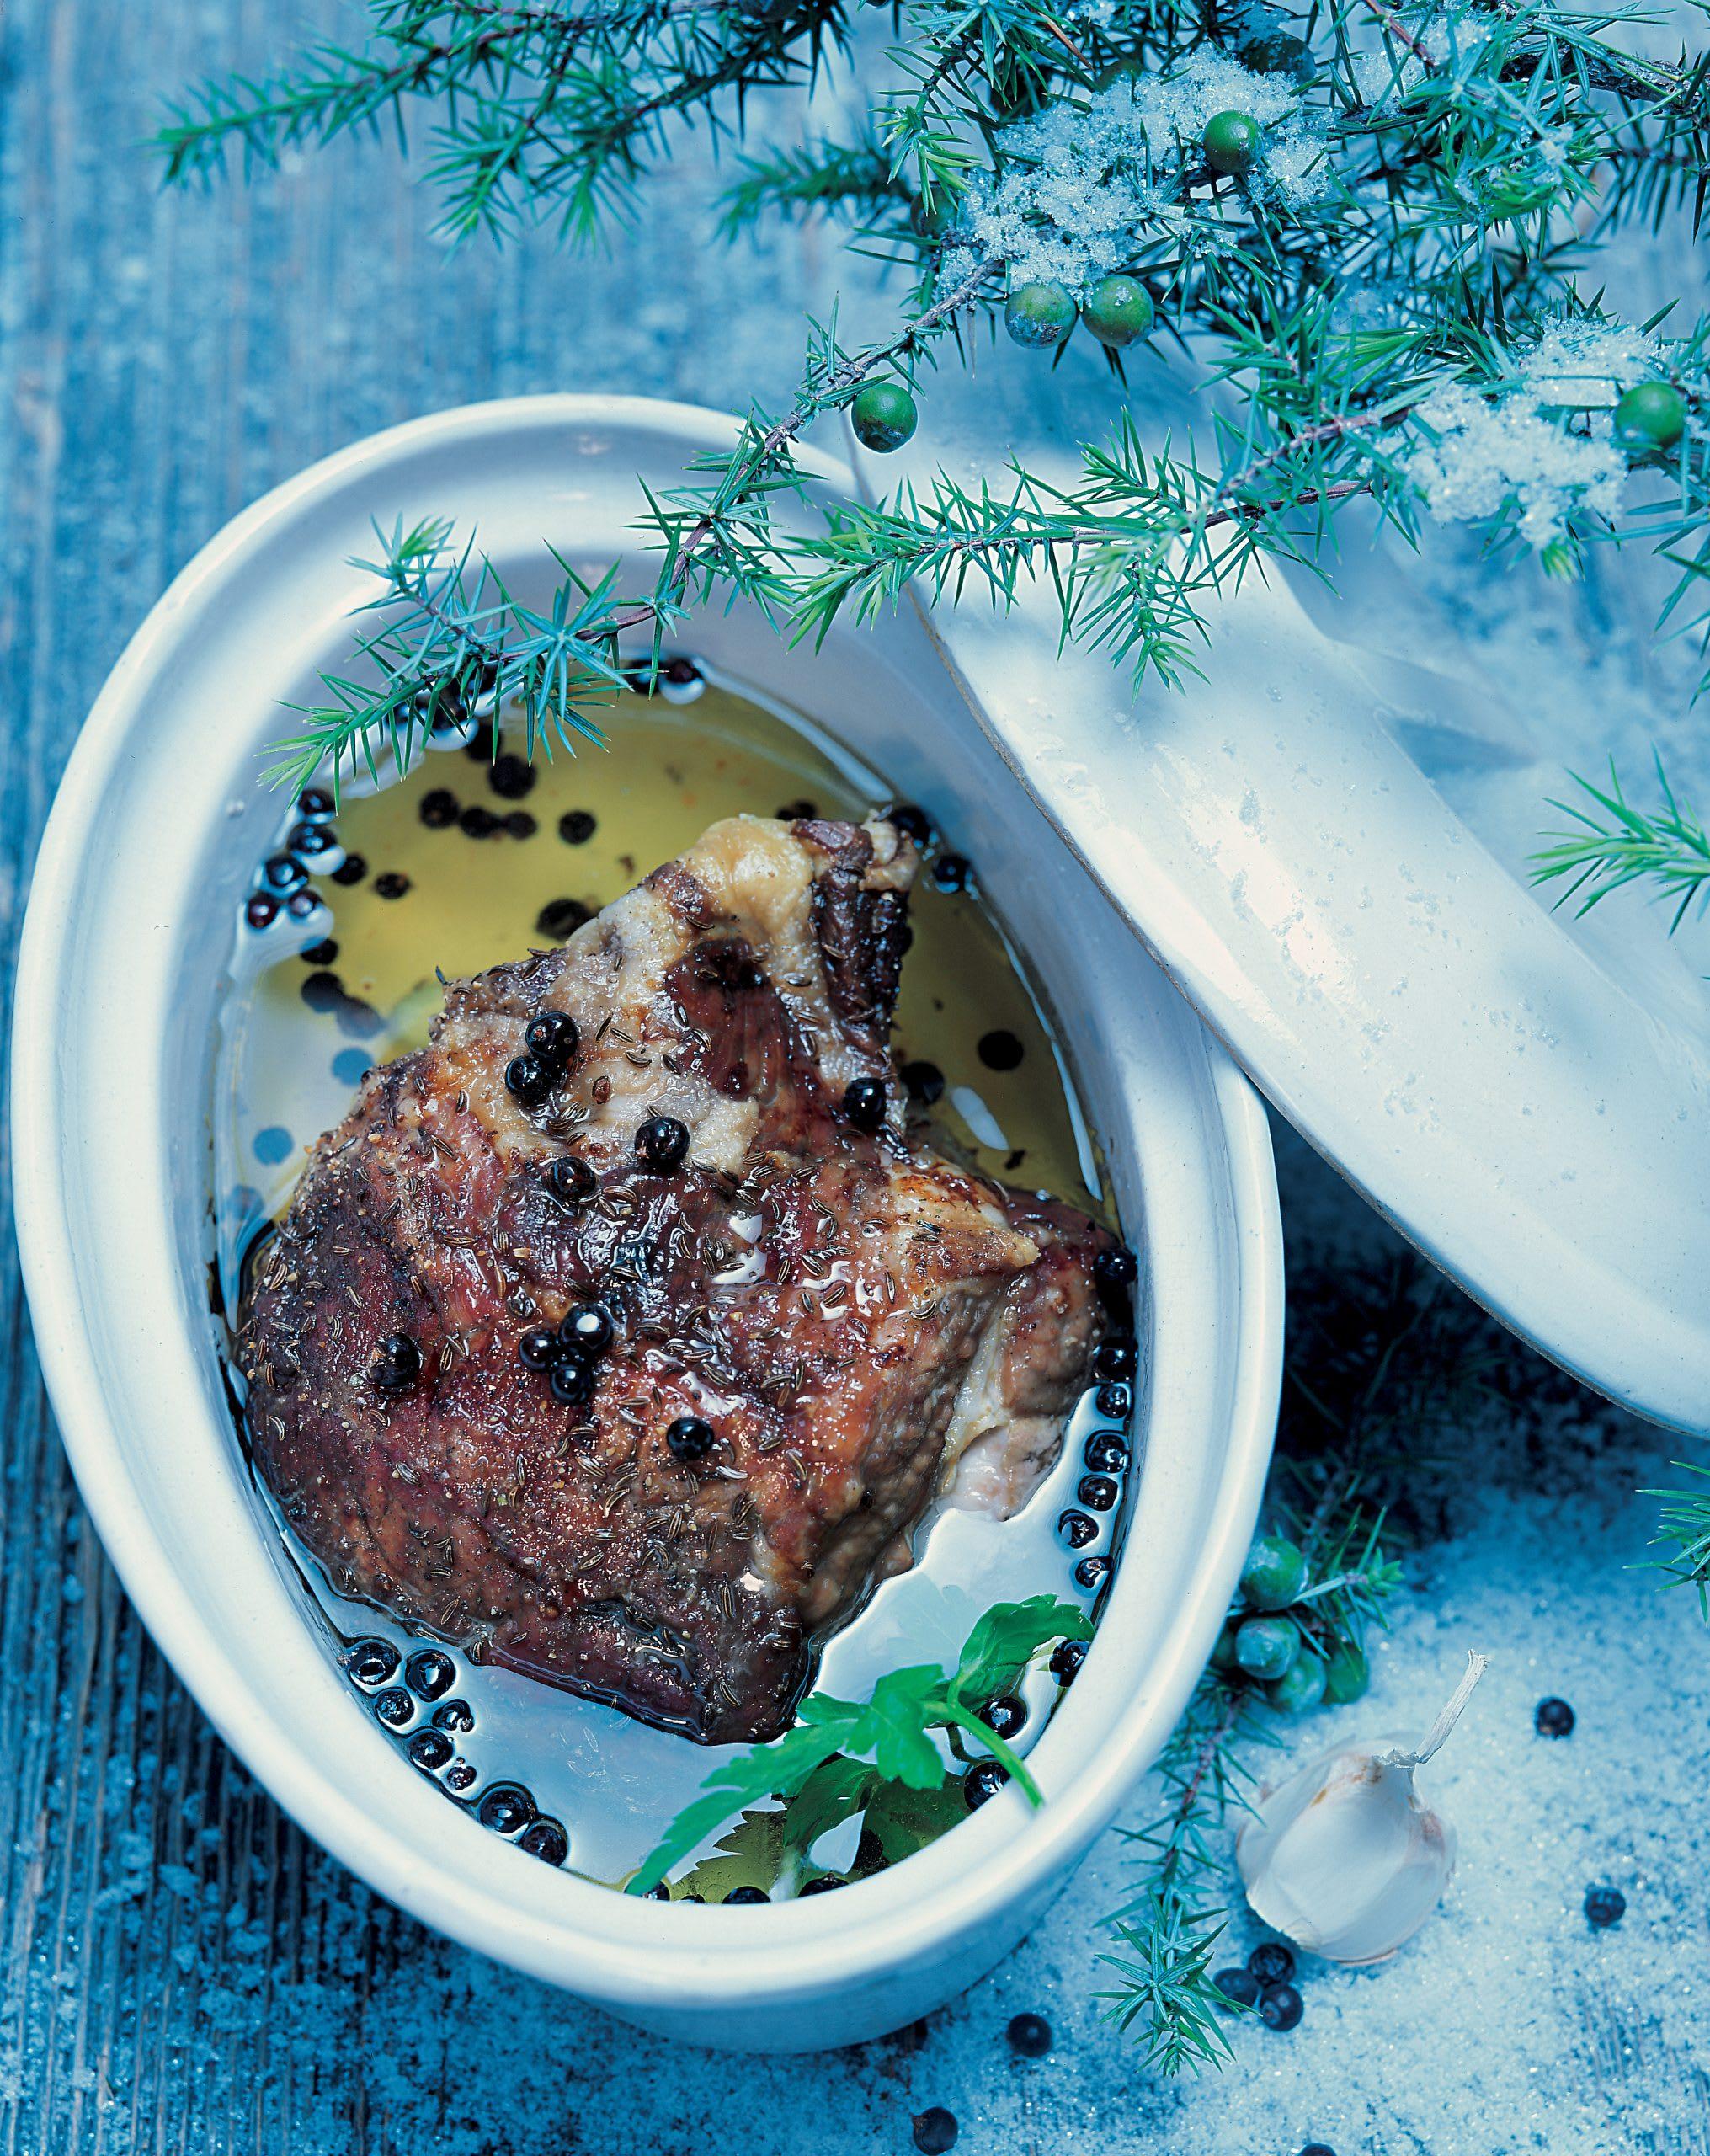 Rôti de porc froid mariné aux baies de genièvre